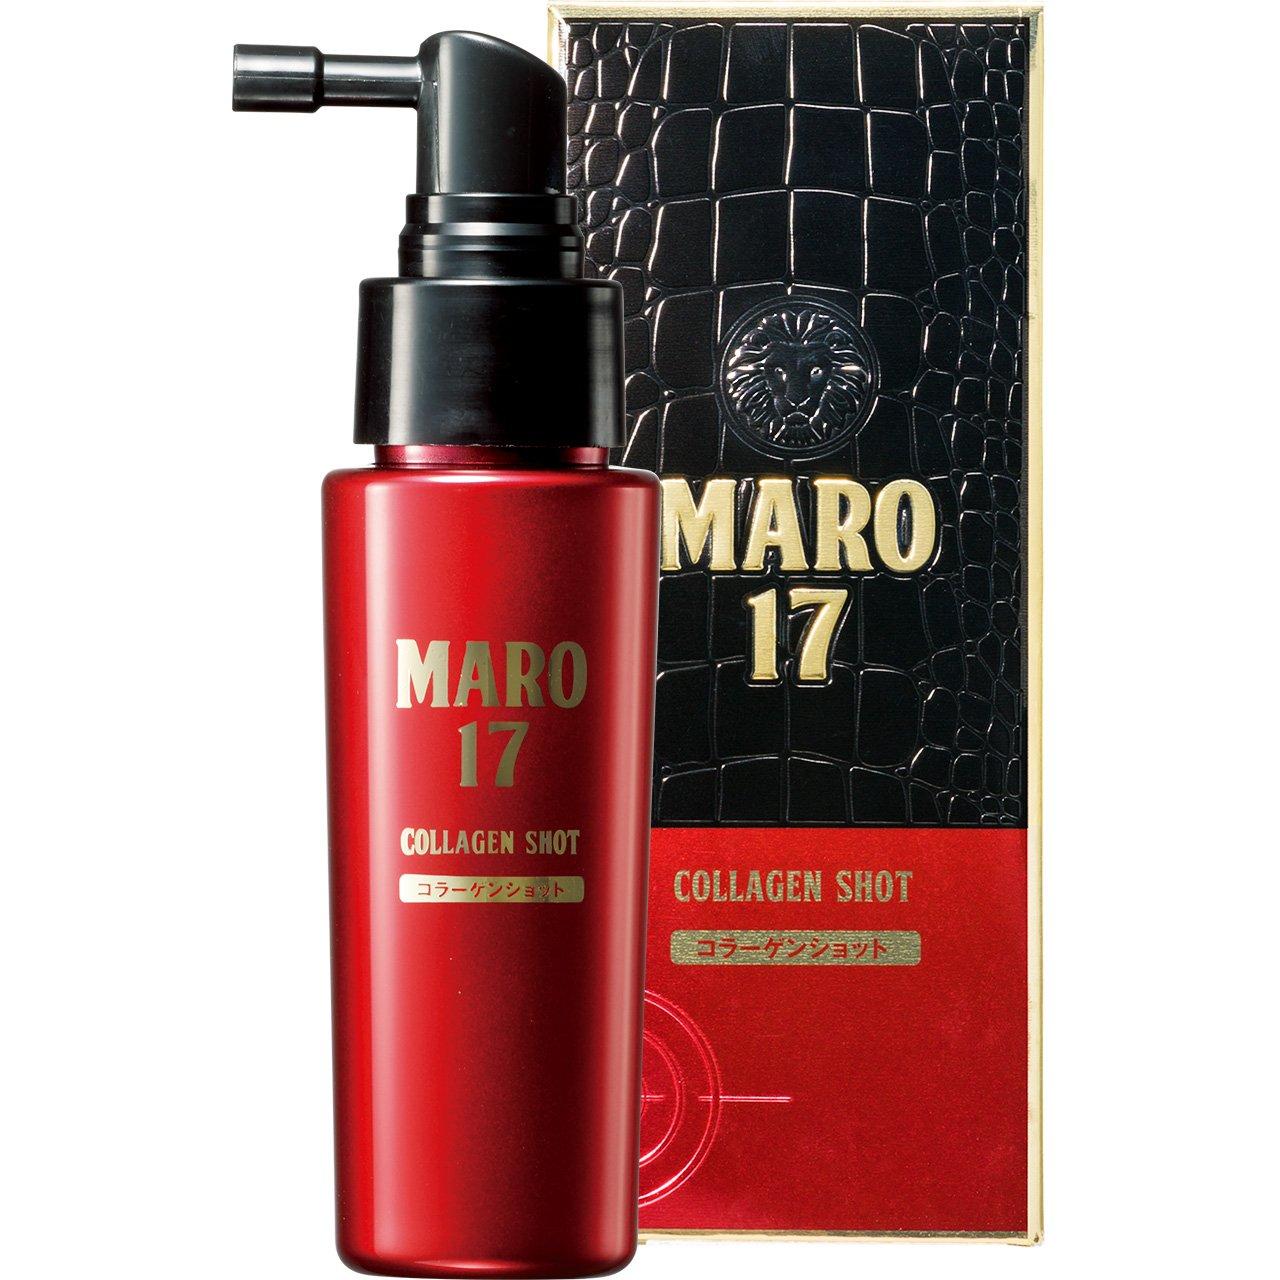 MARO17コラーゲンショット